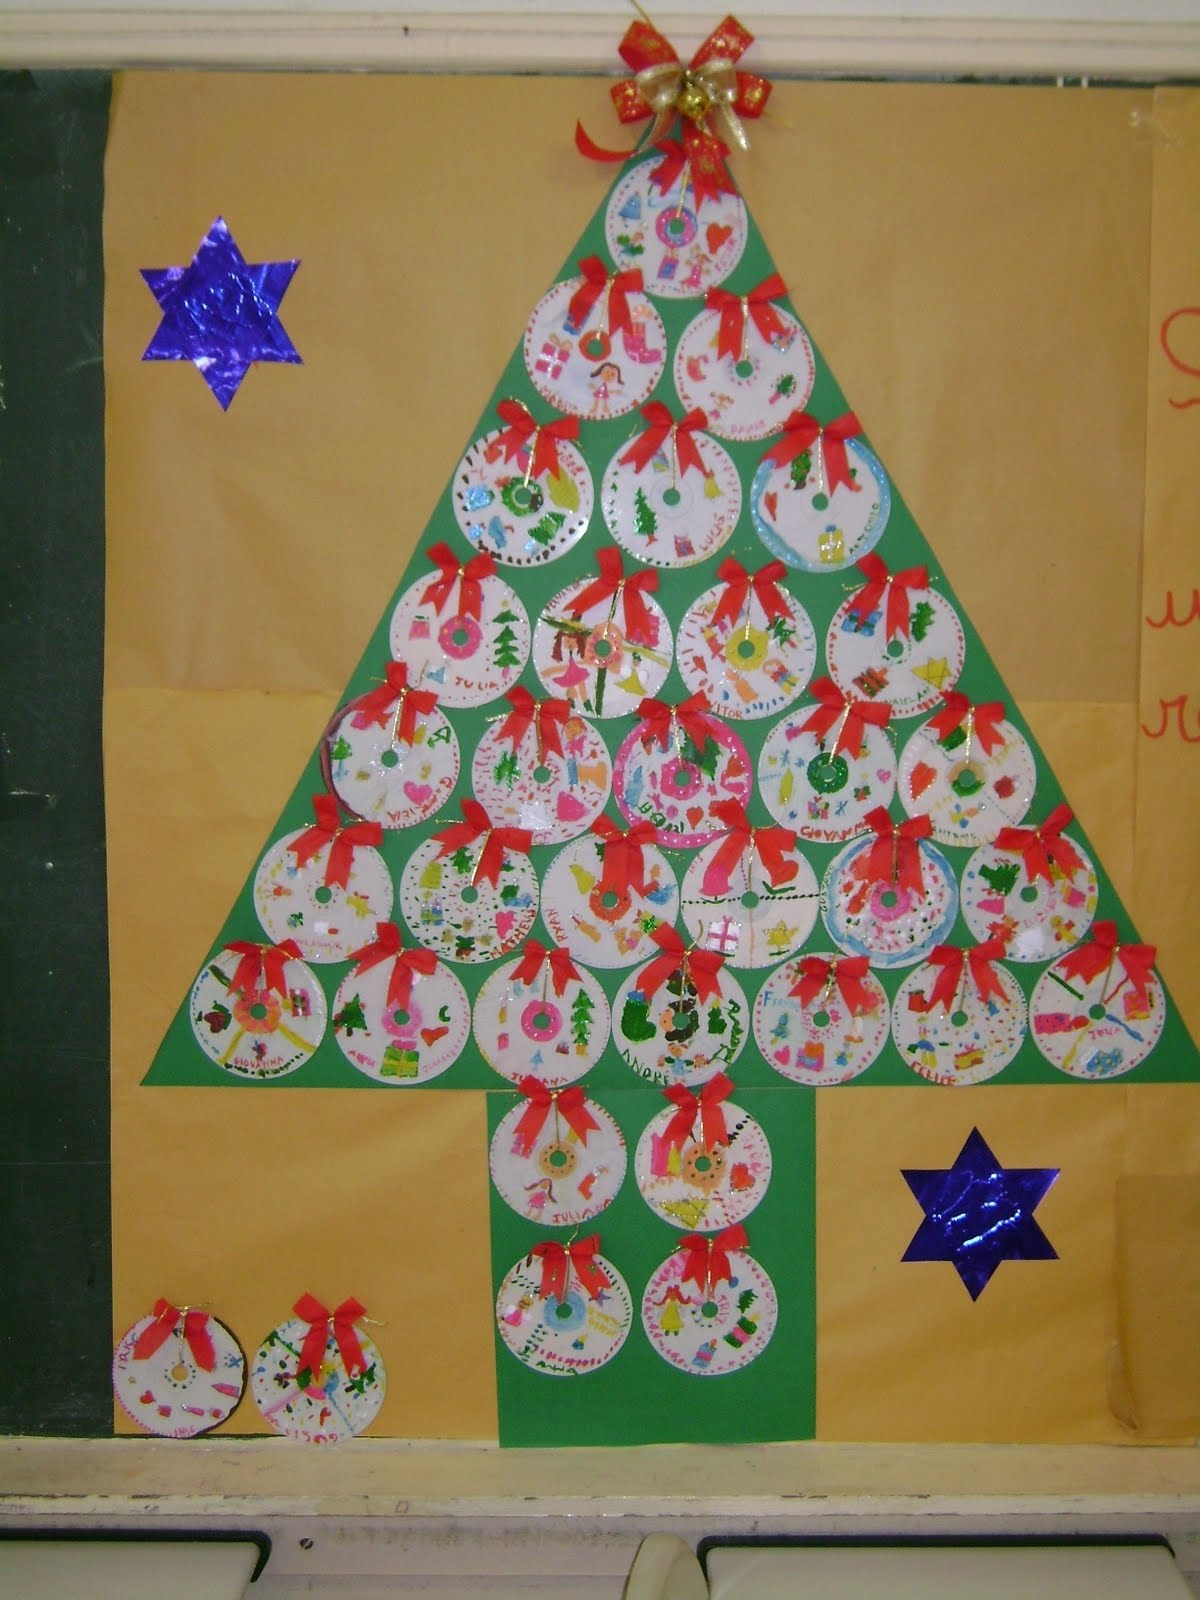 Espa o educar 13 rvores de natal feitas com reciclagem for Mural de natal 4 ano